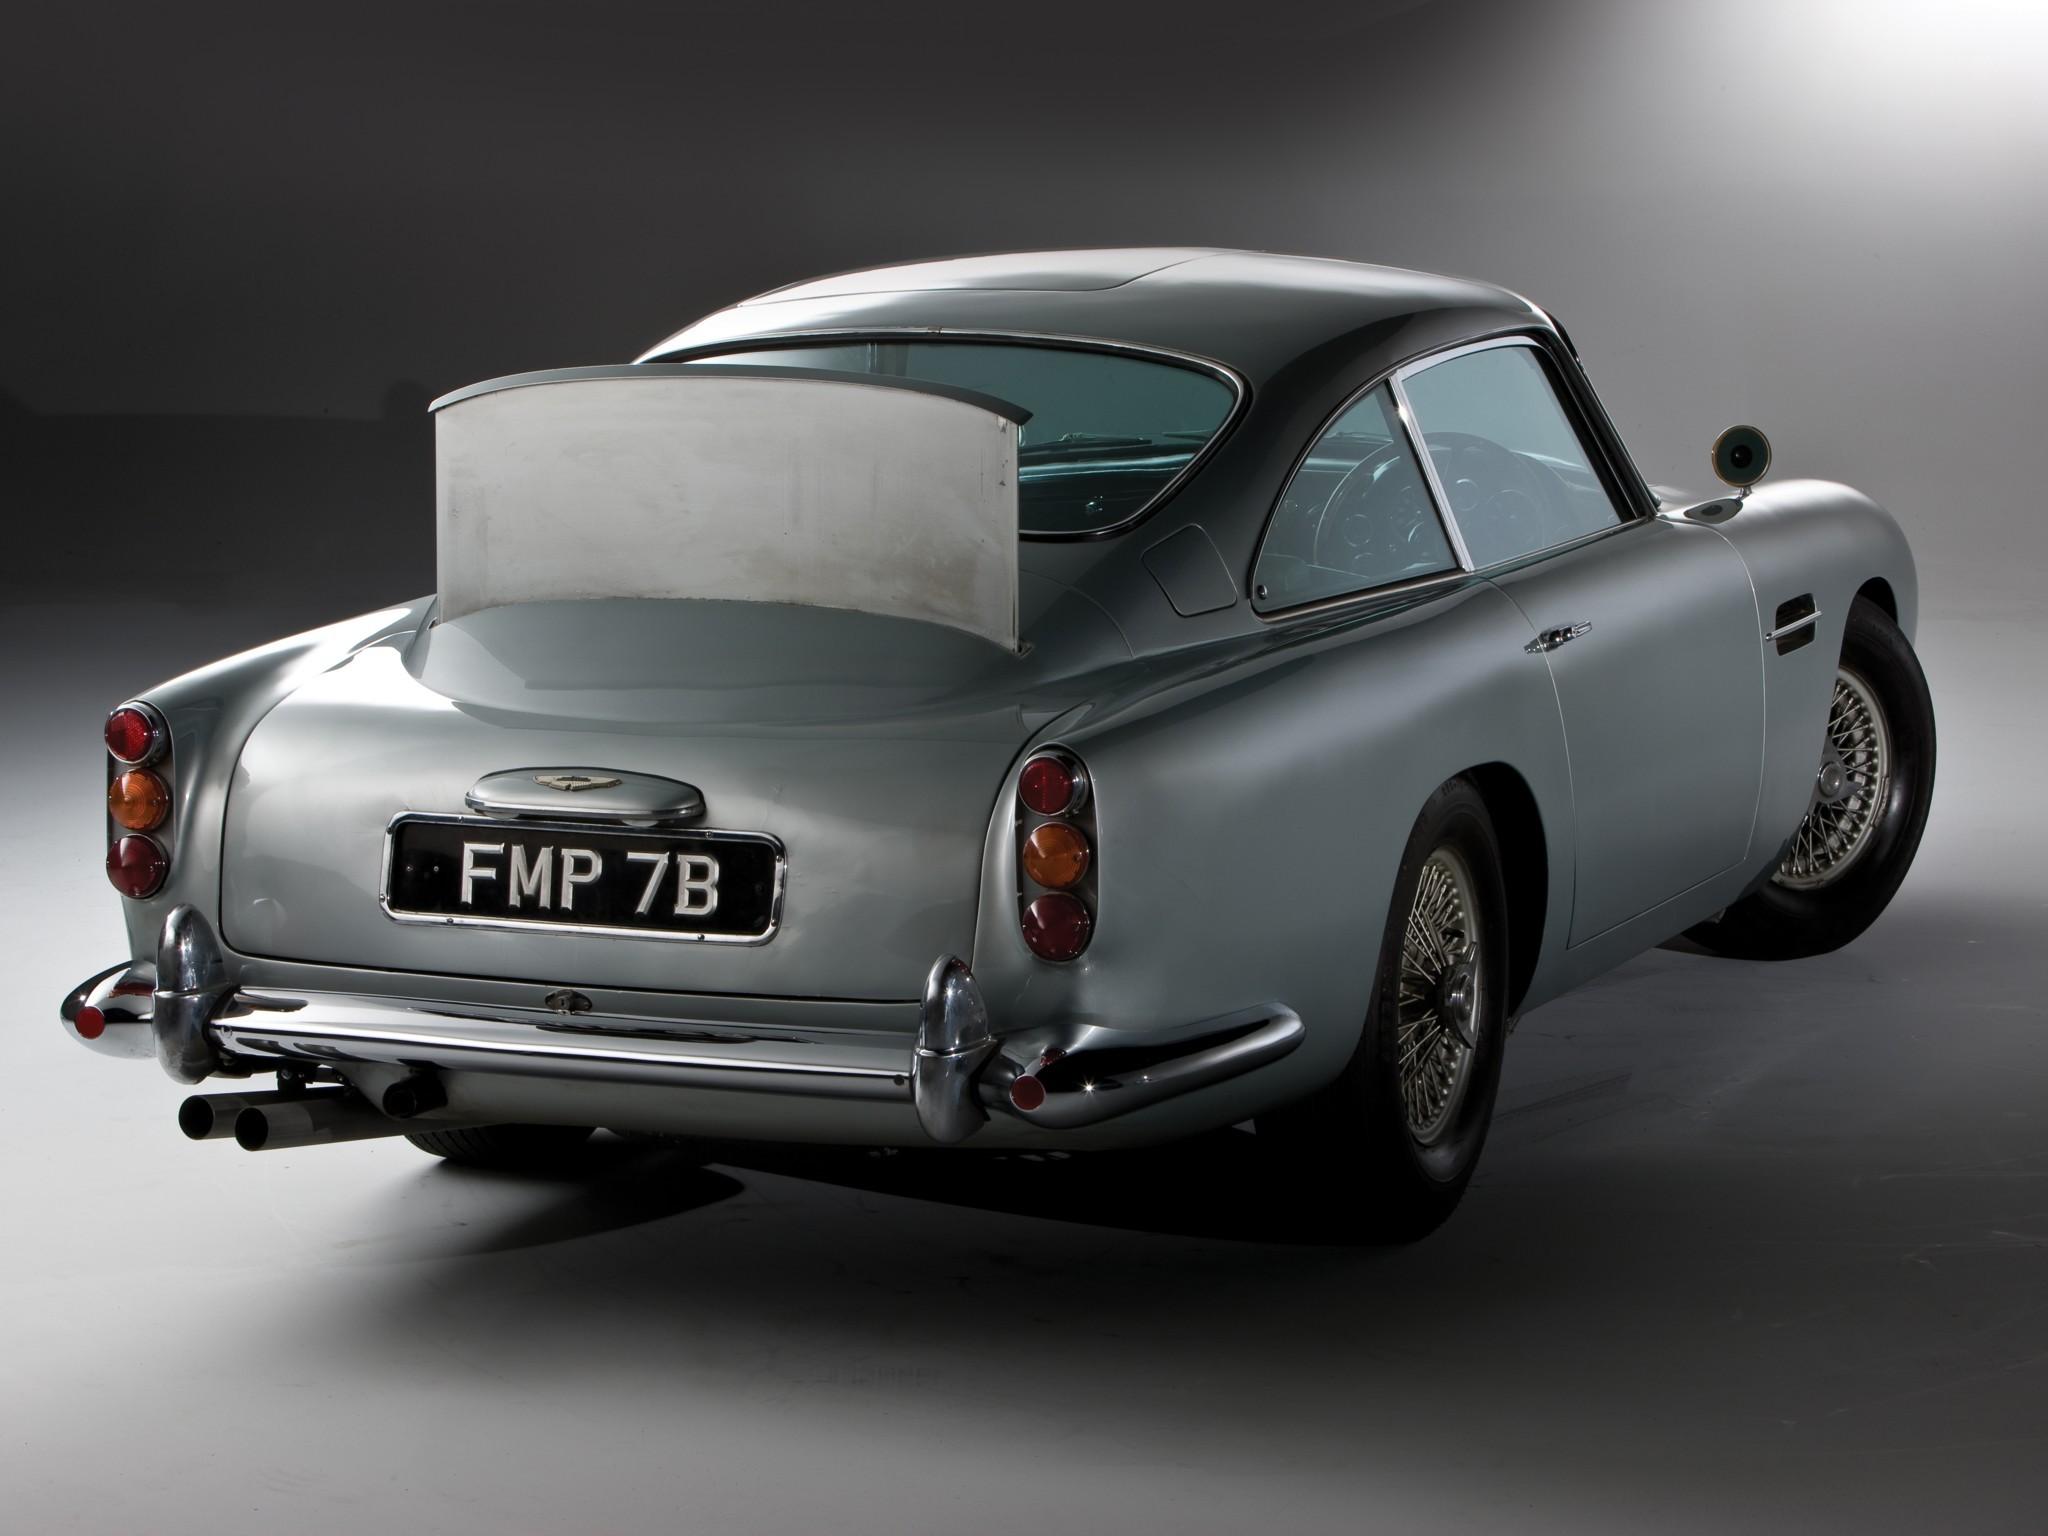 coolest james bond car. ever. - autoevolution